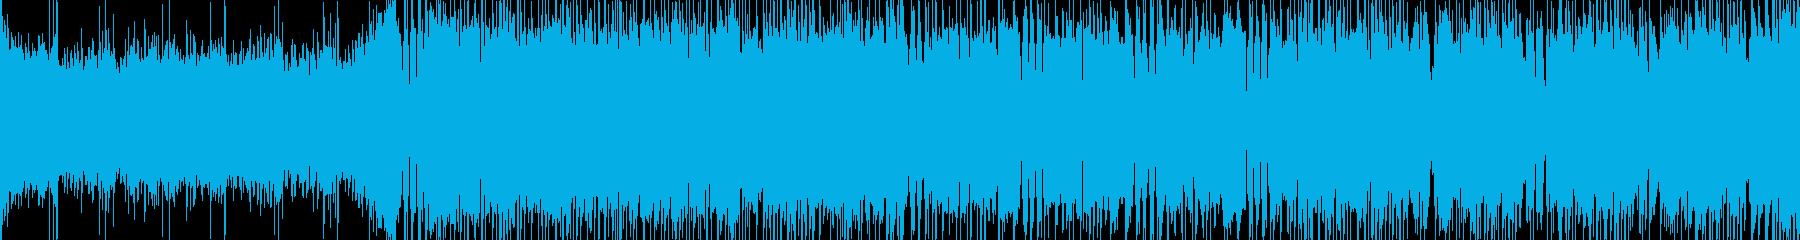 三味線とギターの和風メタル。【ループ可】の再生済みの波形